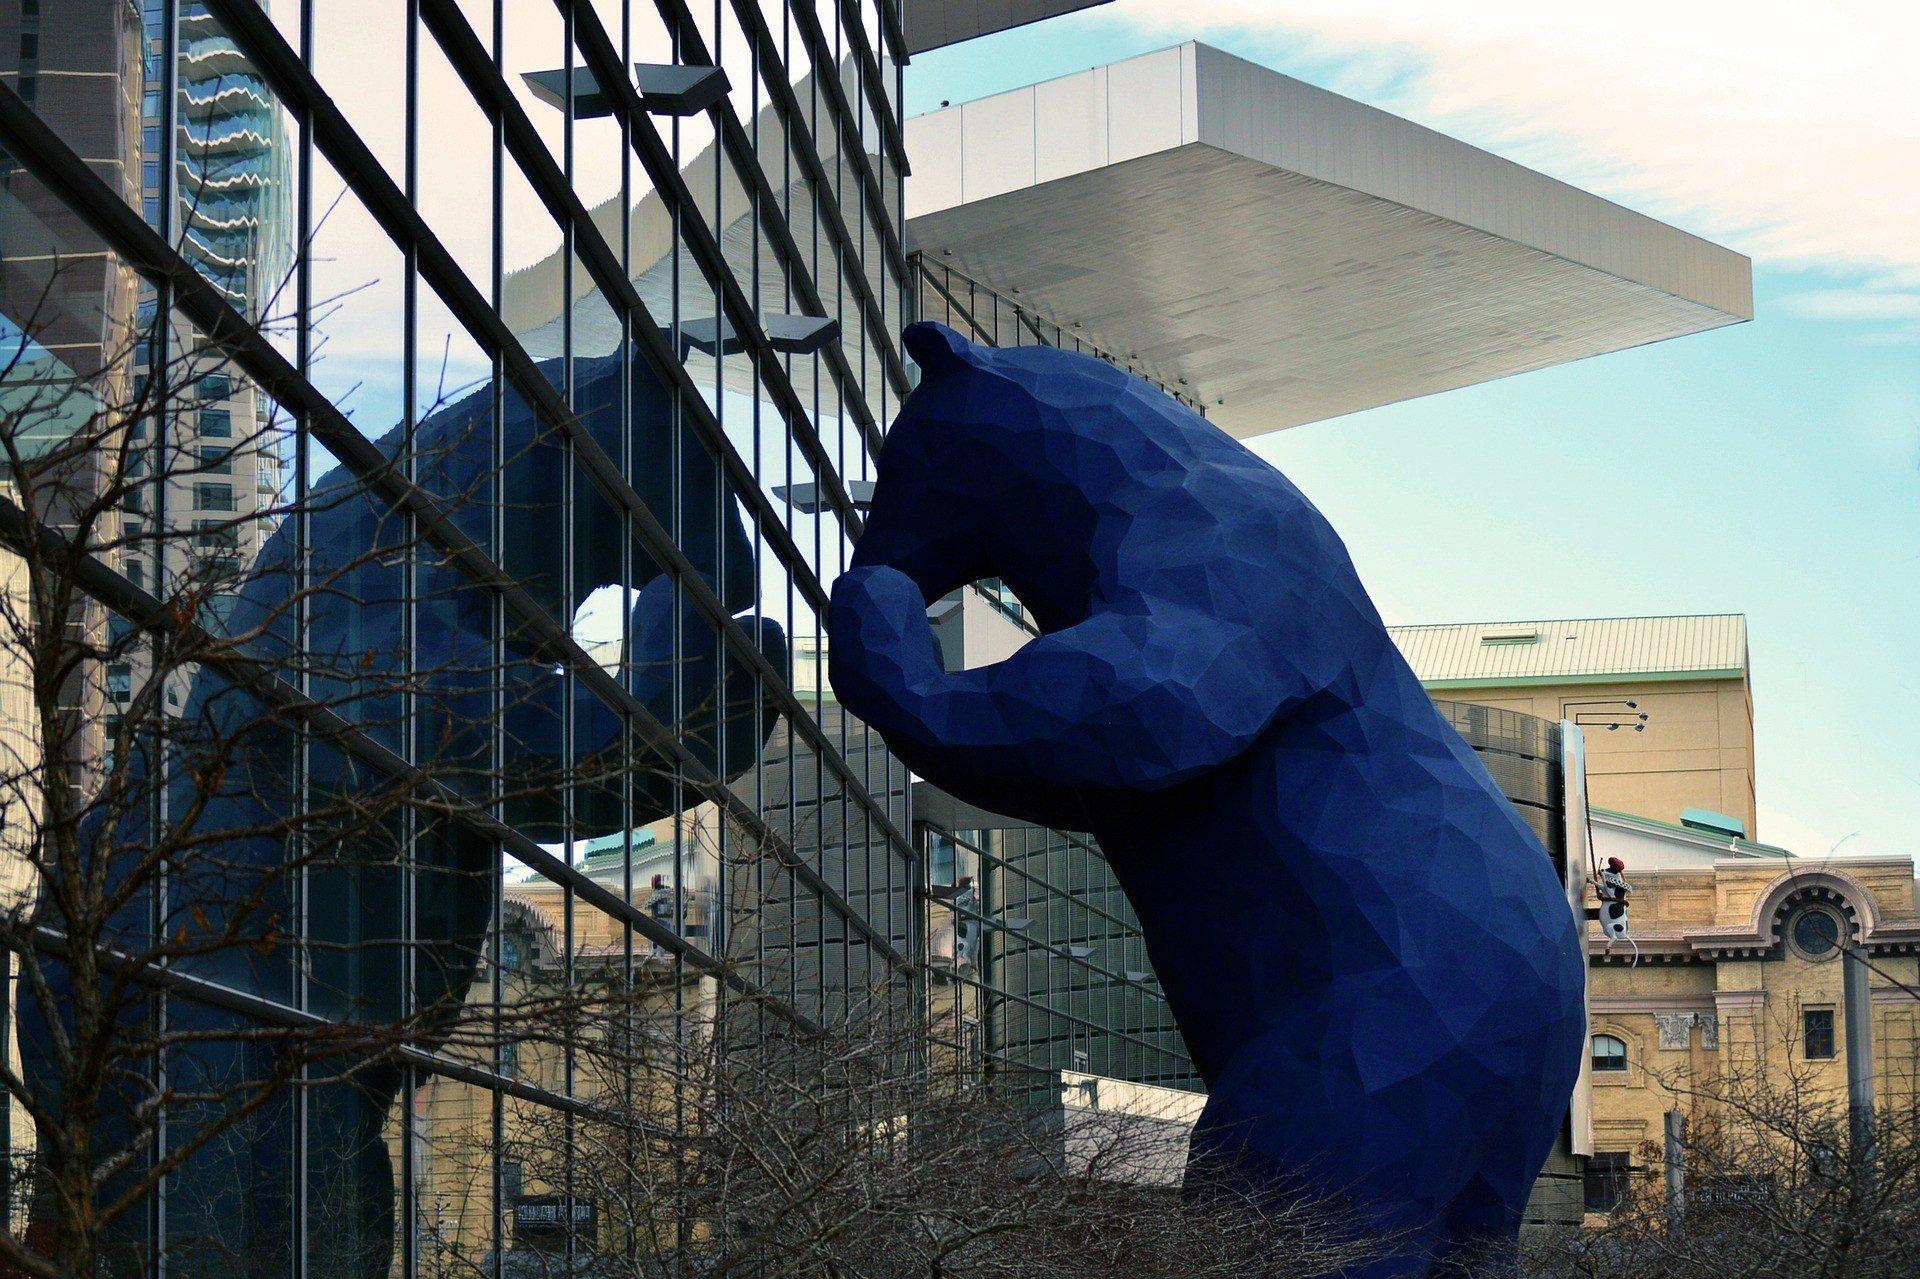 Central Business District, Denver